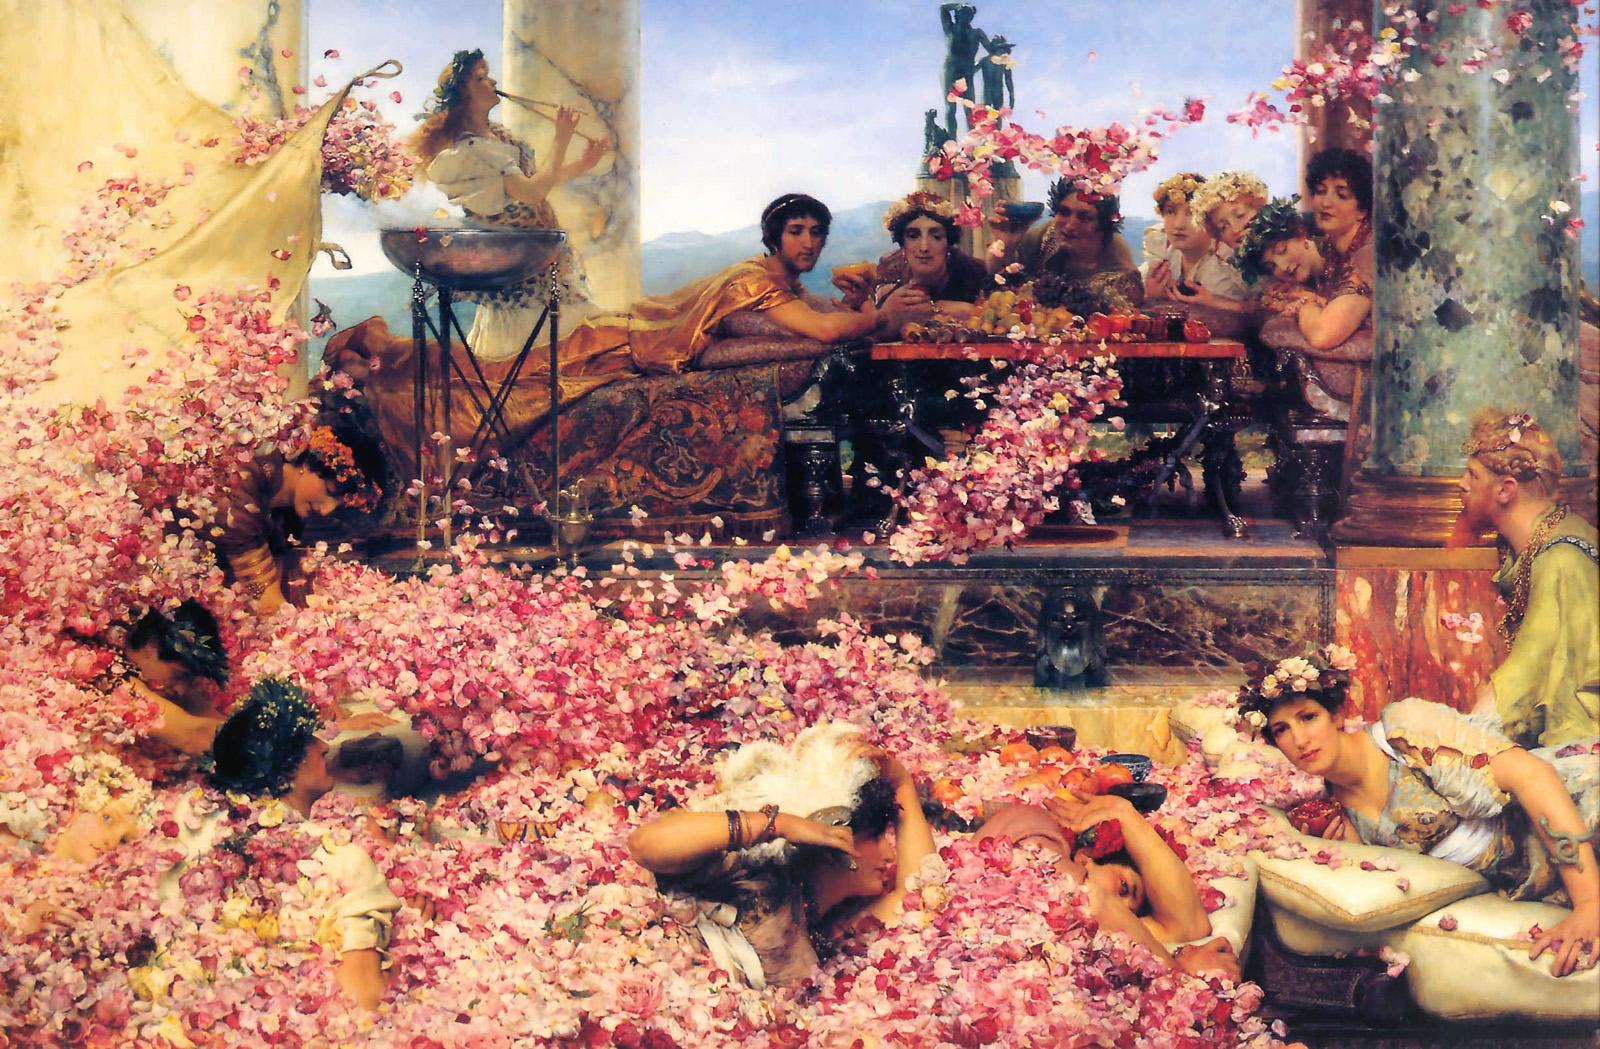 Μάρκος Αυρήλιος Αύγουστος ή Ηλιογάβαλος. Ο Ρωμαίος αυτοκράτορας που ντυνόταν γυναίκα, εκπορνευόταν σε οίκους ανοχής και δολοφονήθηκε από τη φρουρά του